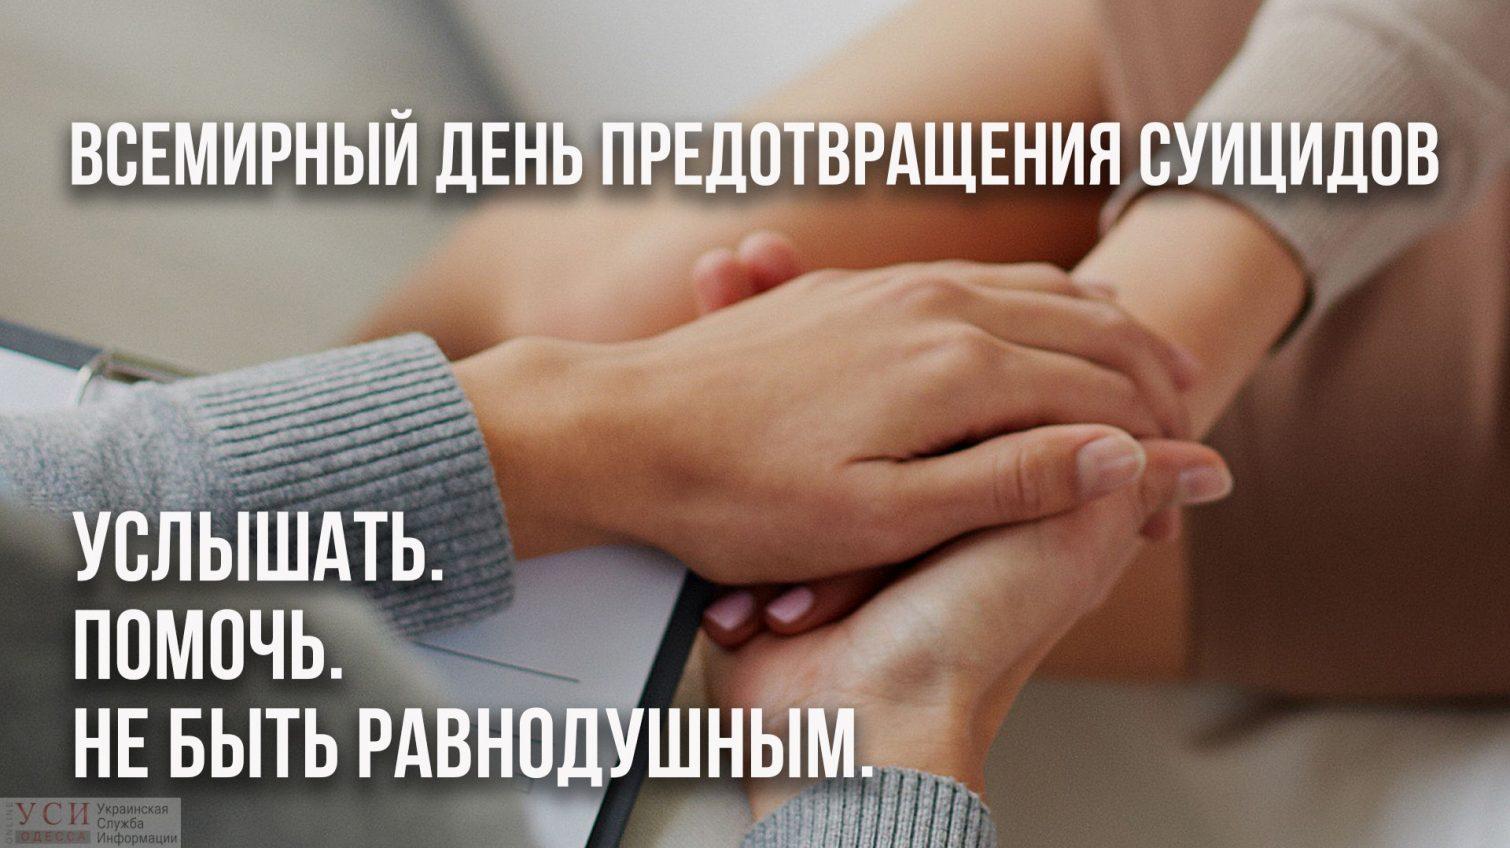 Не будьте равнодушными: Всемирный день предотвращения самоубийств «фото»